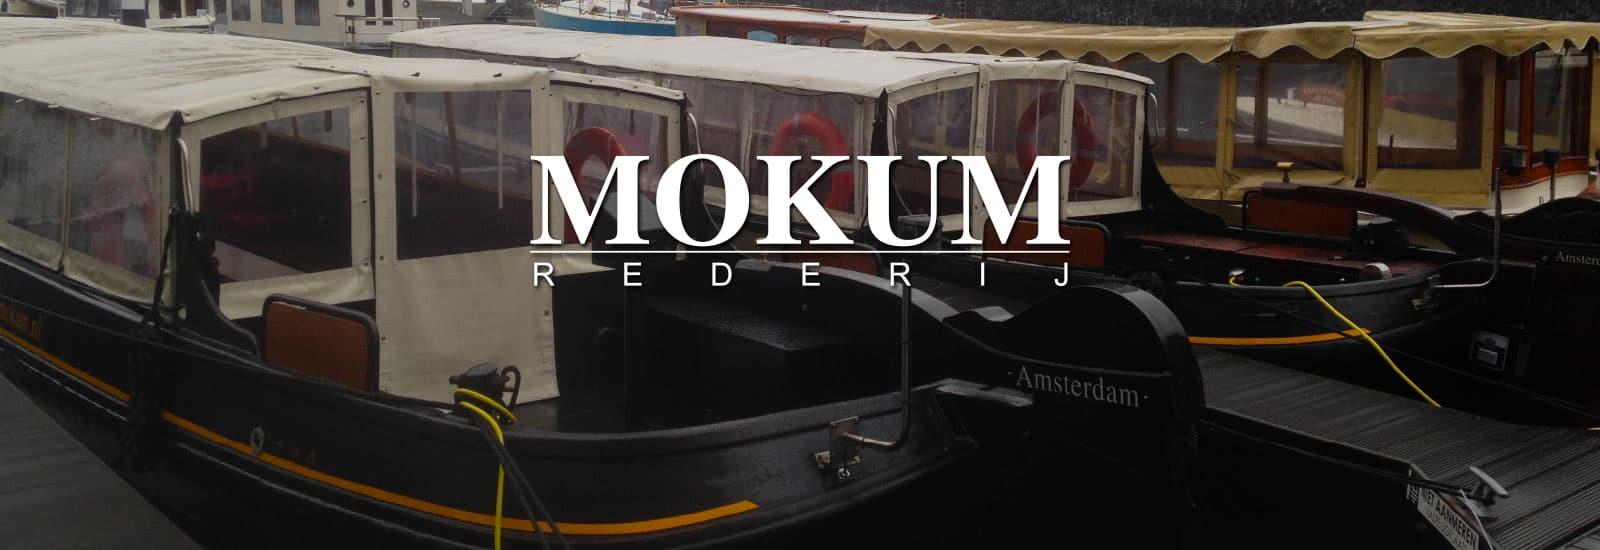 Oudhollandse schepen met een historie van meer dan 100 jaar oud - Rederij Mokum